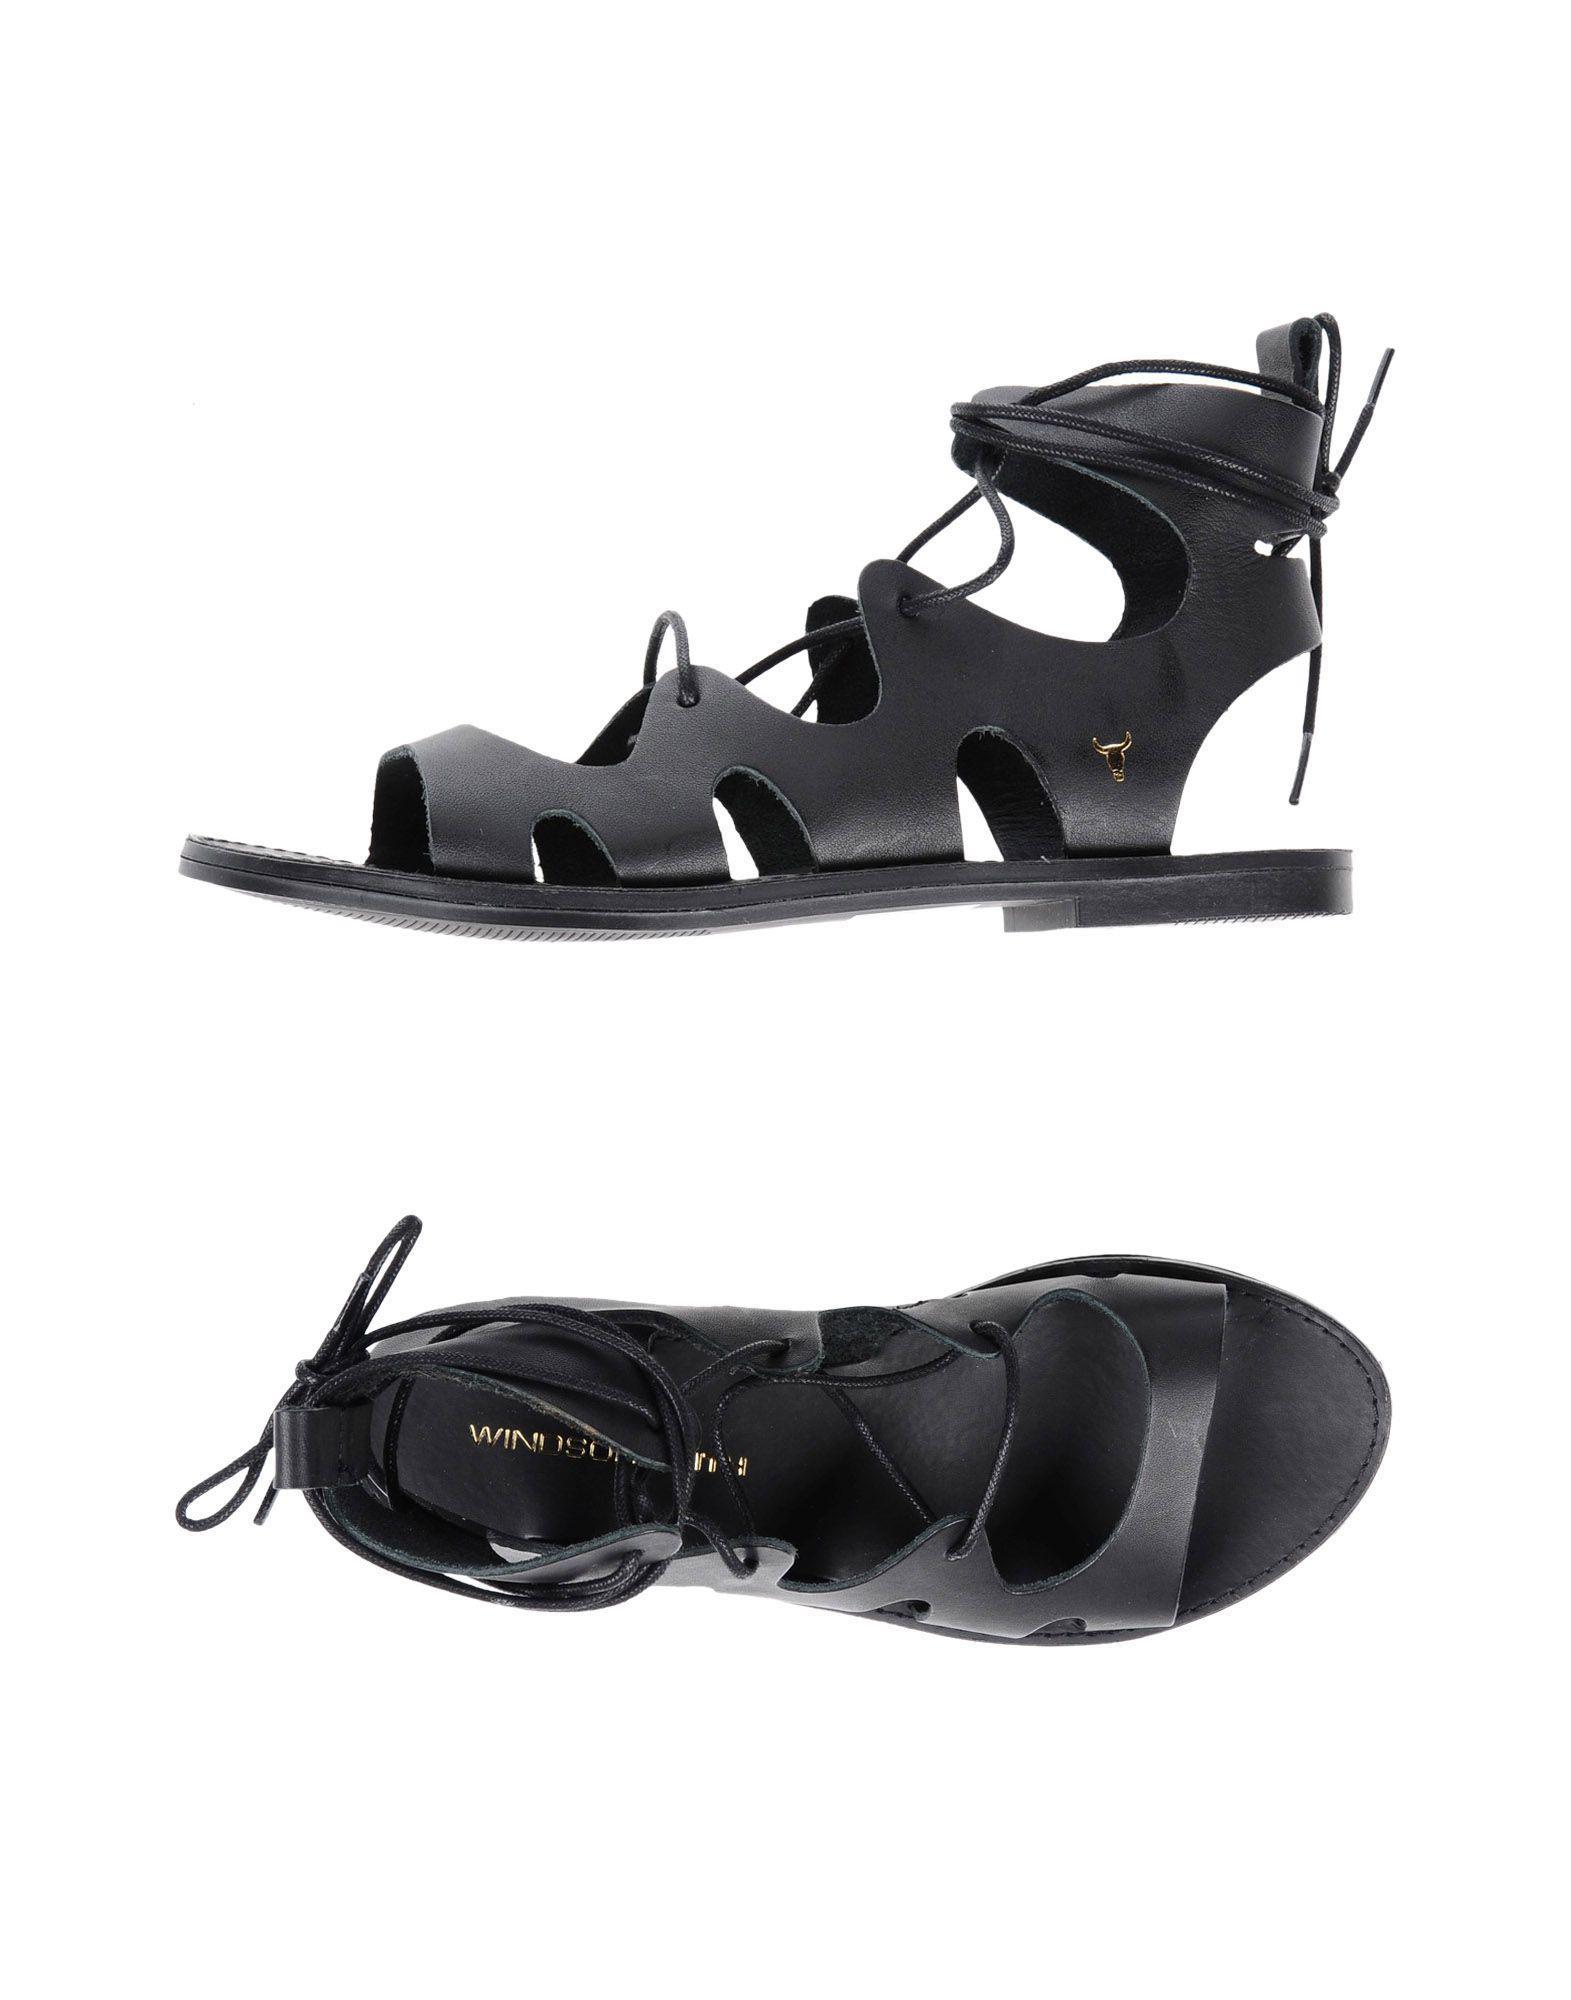 Windsor Smith Sandales Beret Black Noir 4NtgeLrRv